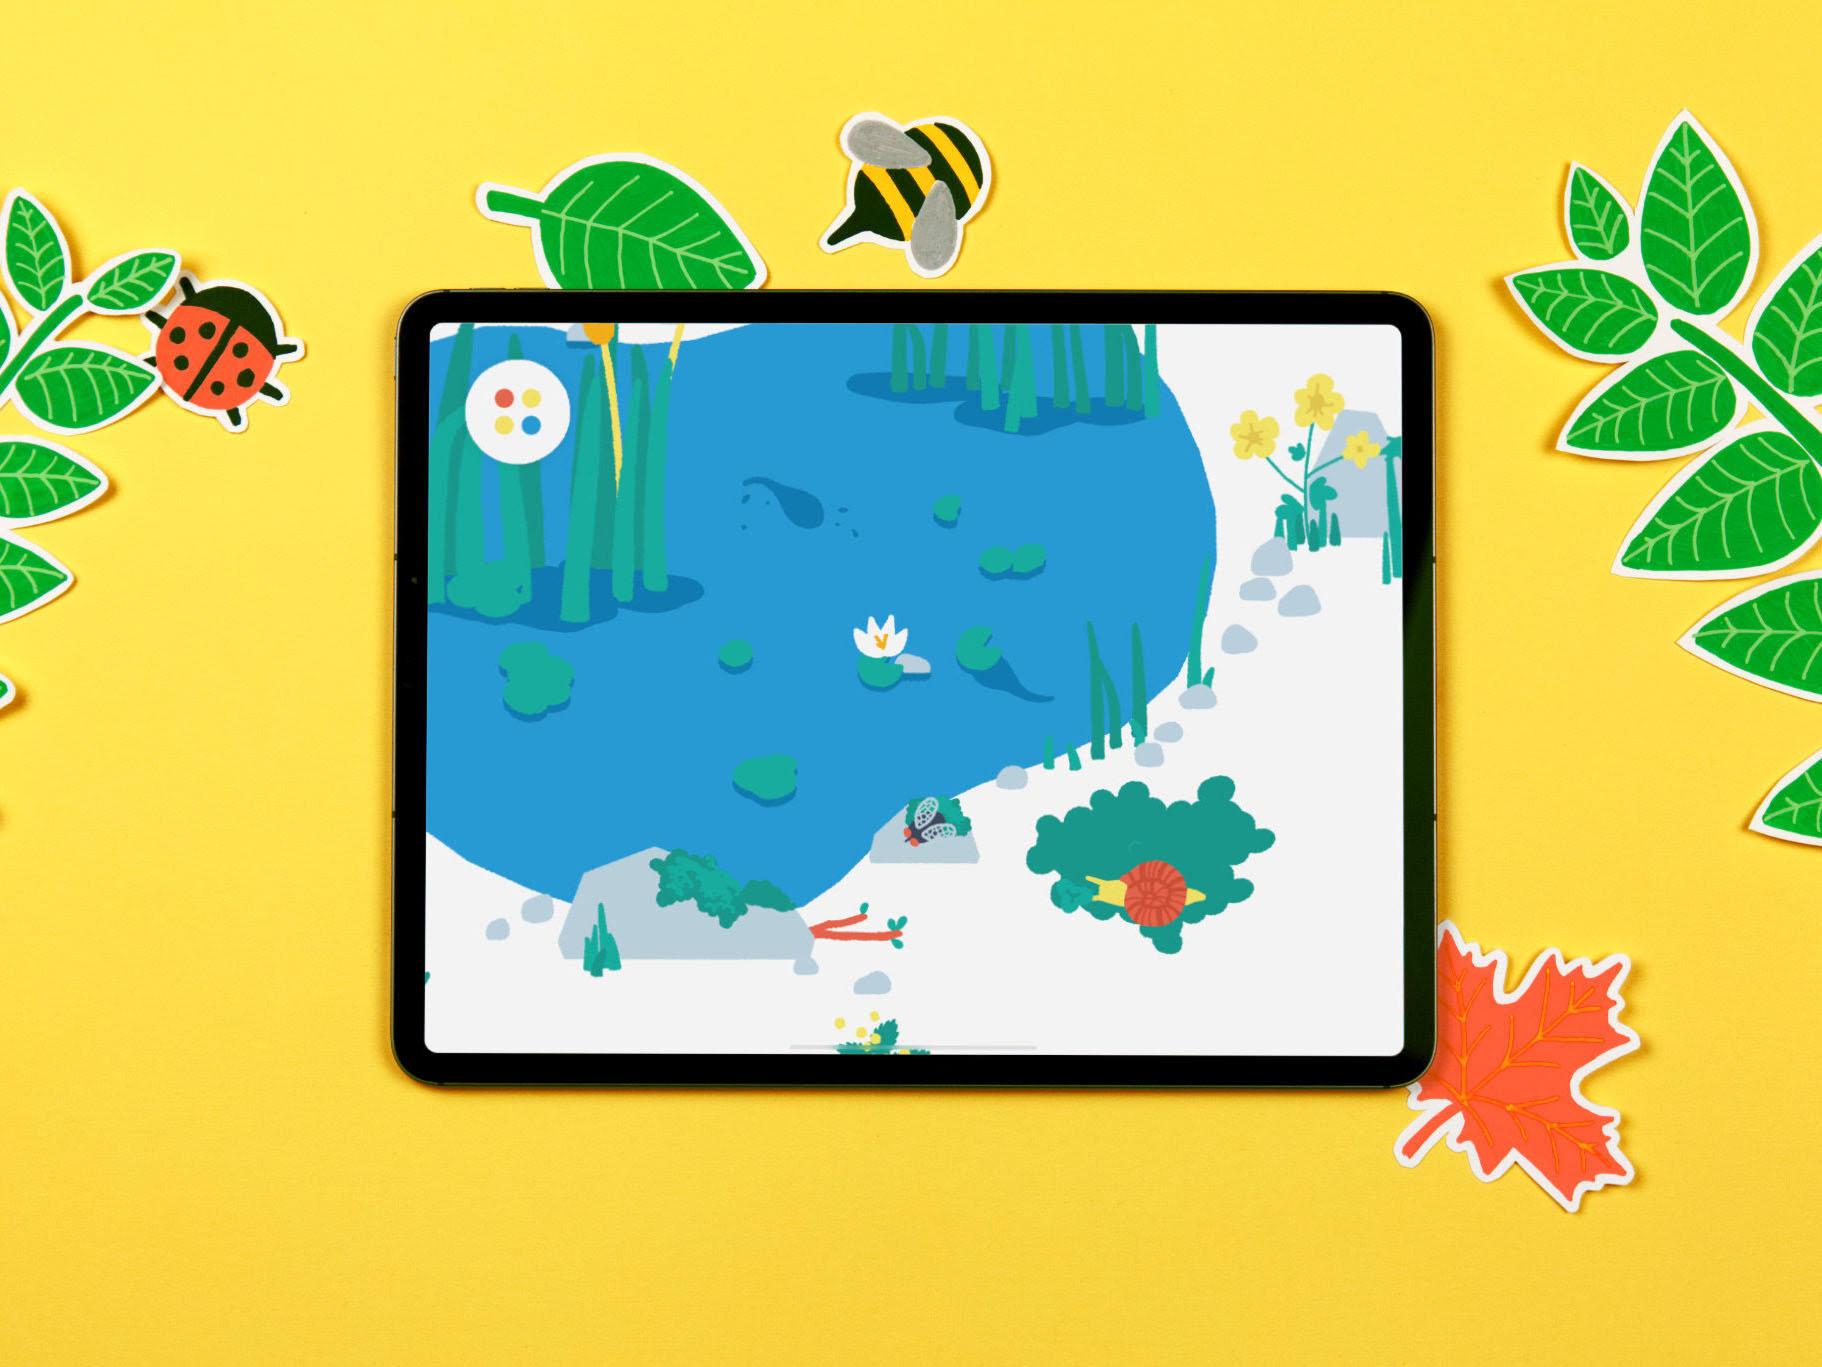 Pok Pok Playroom Forest update